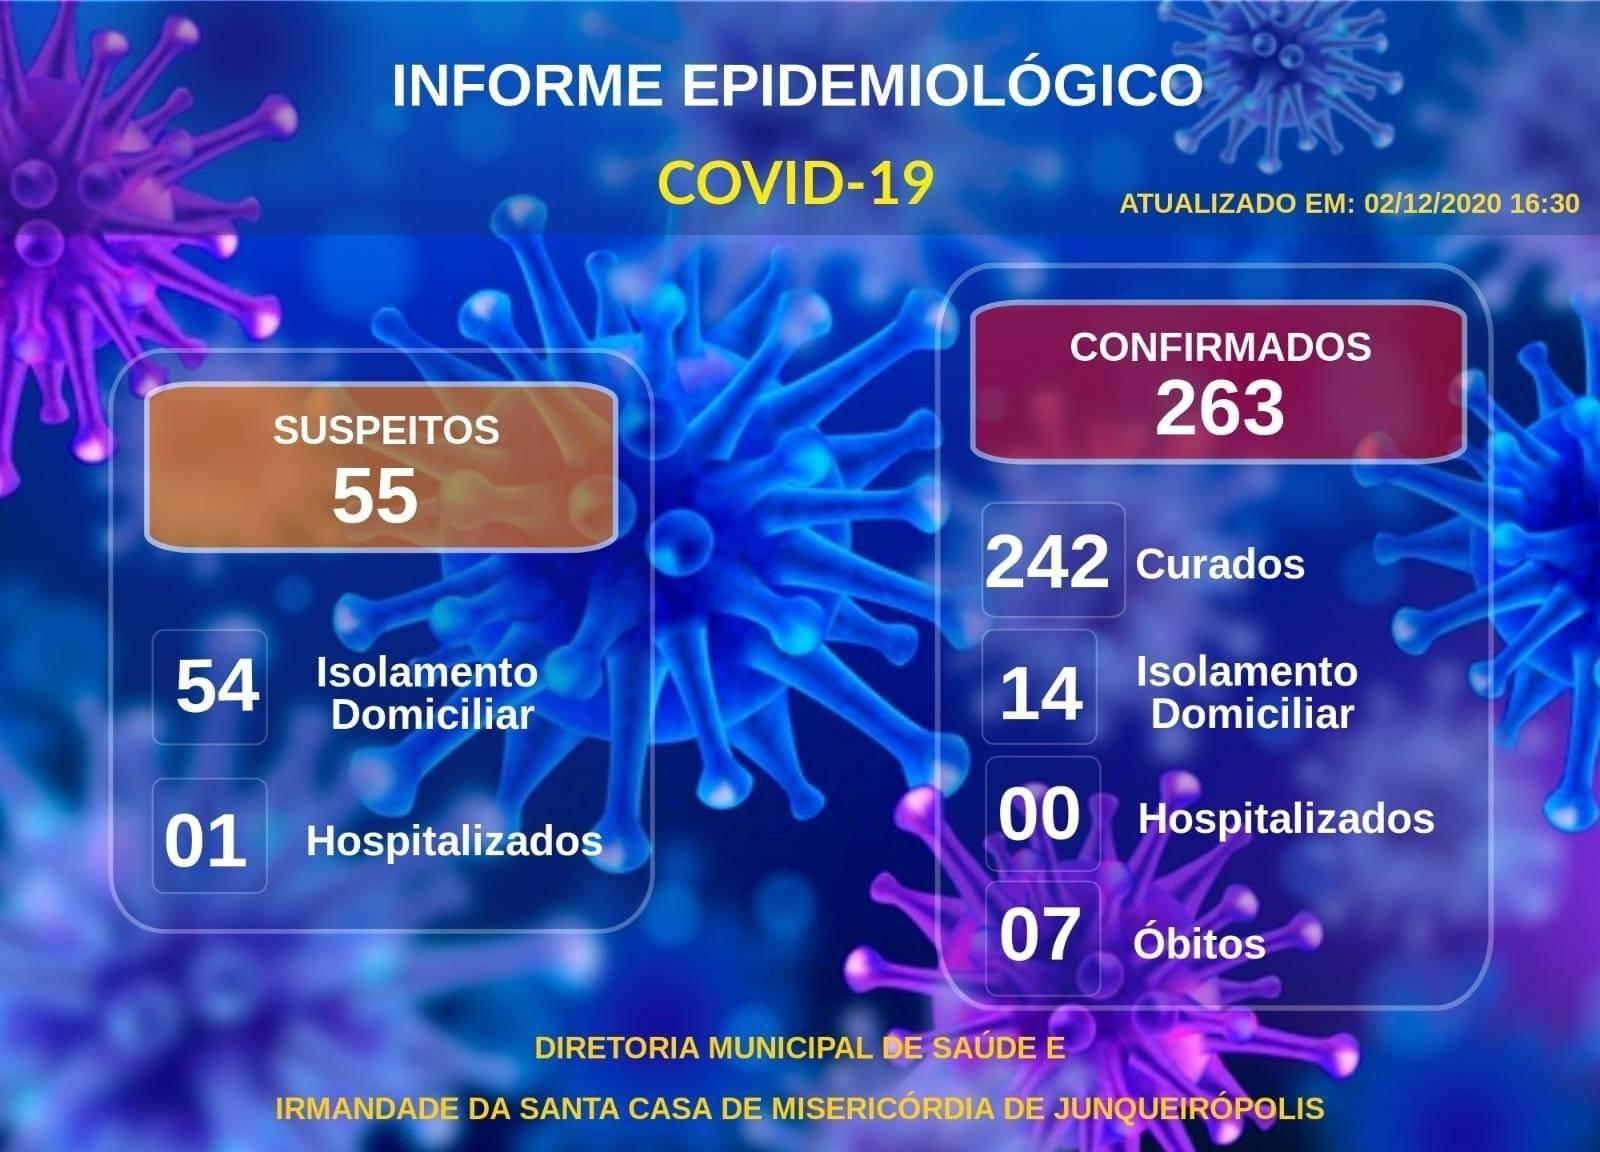 Boletim oficial indica a sétima morte provocada pelo novo coronavírus em Junqueirópolis